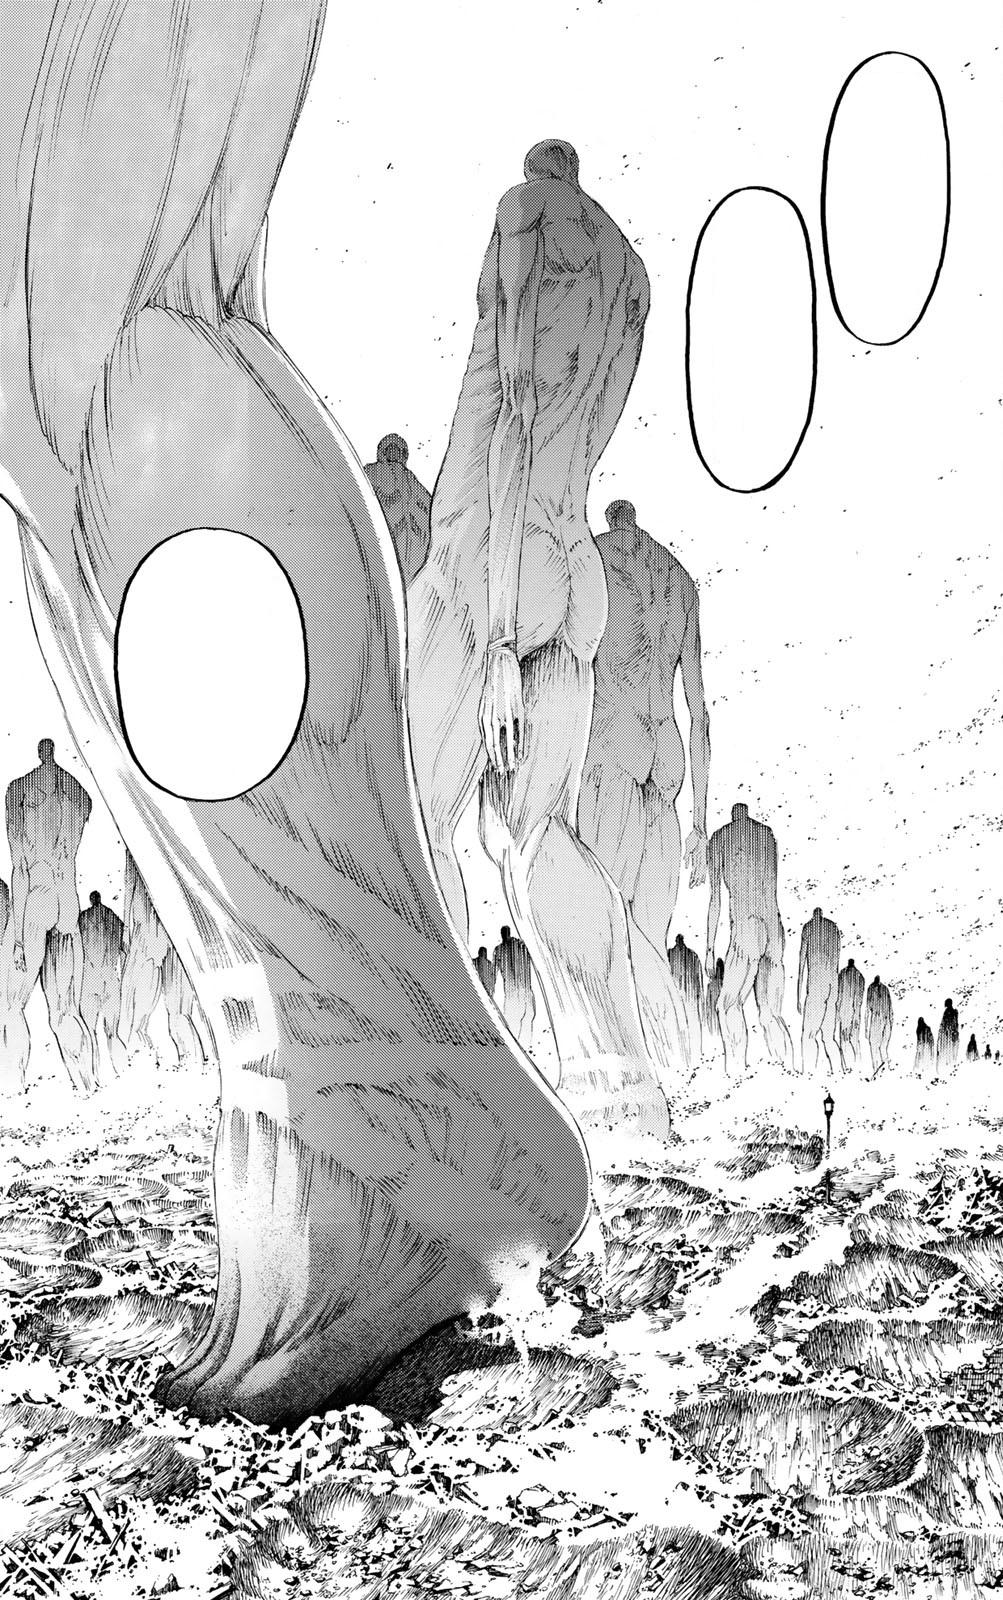 巨人 と は 始祖 の